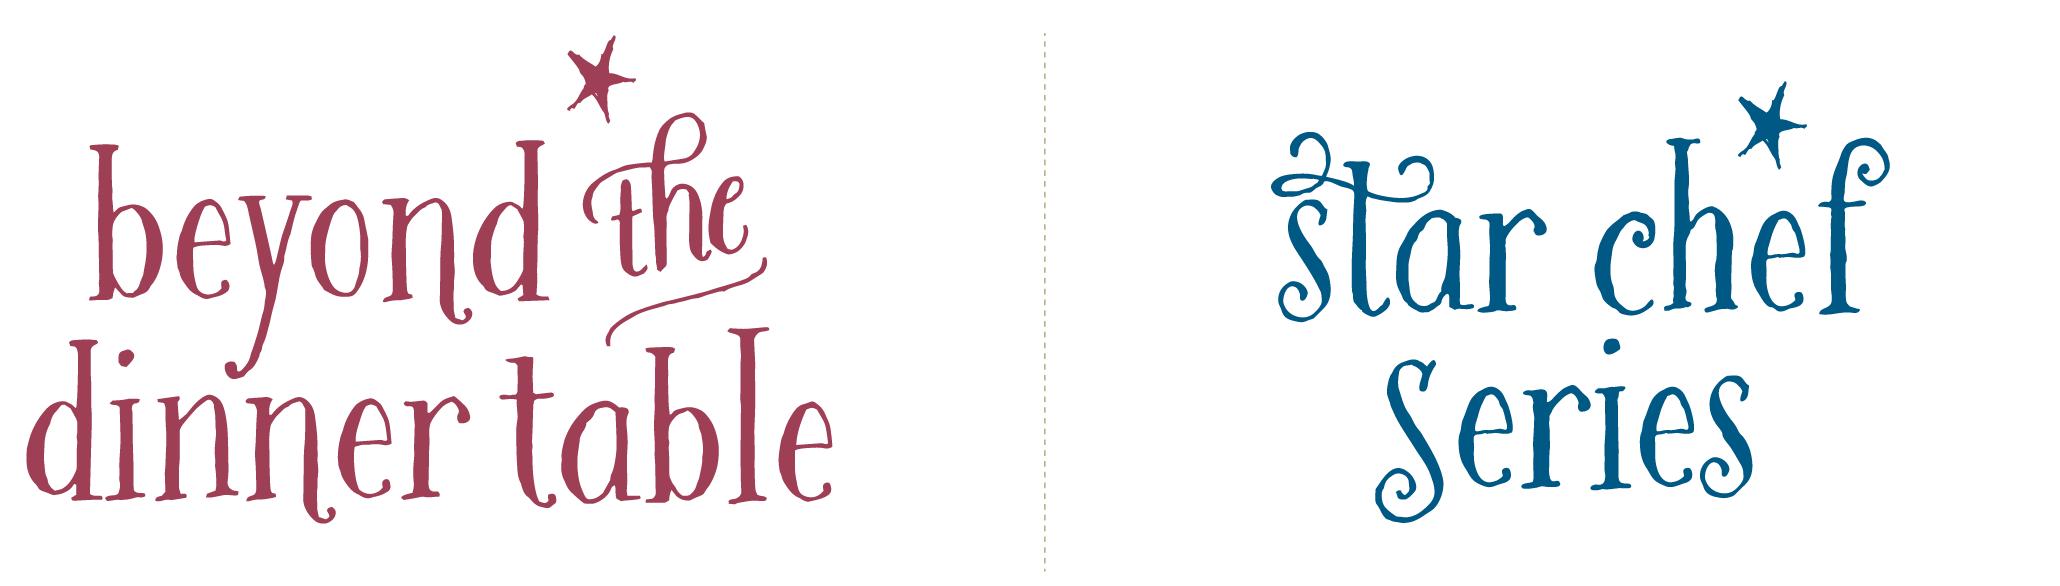 custom logo design for restaurants in Providence, Rhode Island